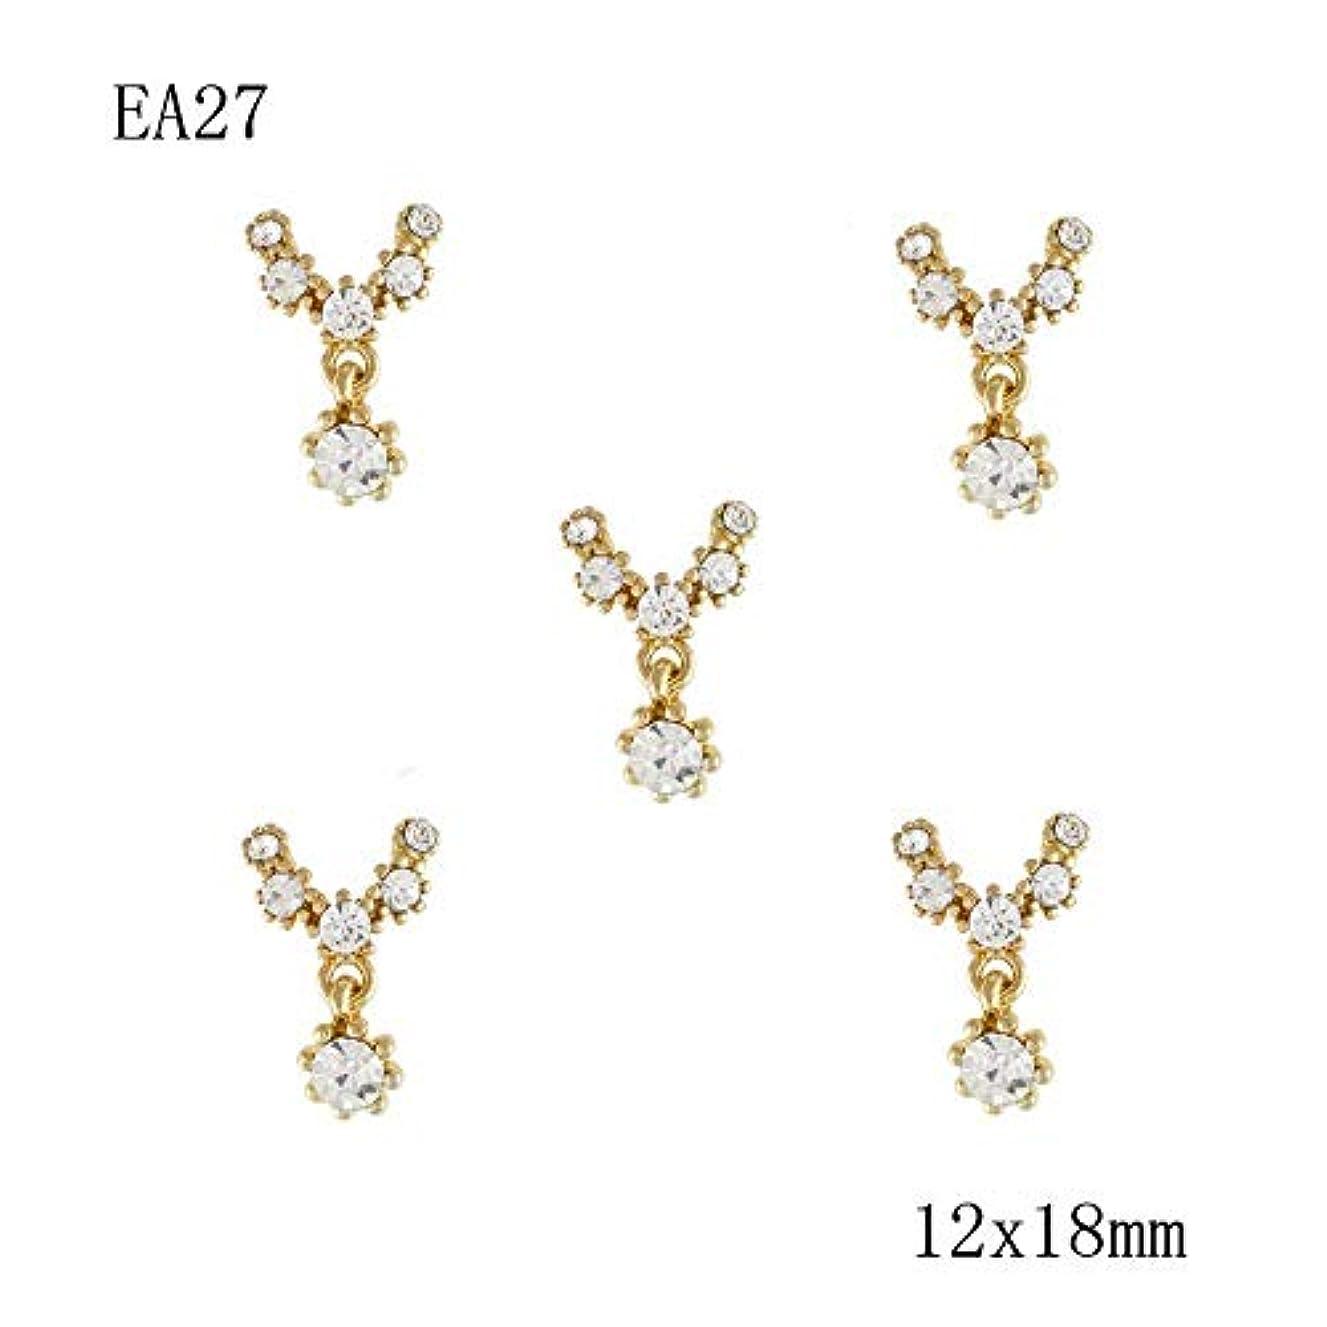 父方の適切な捧げる10PCS金銀金属の3Dダイヤモンドネイルアートクリスマスの装飾の魅力の爪は、ラインストーンネイル用品の宝石クリスマスのキラキラ,21